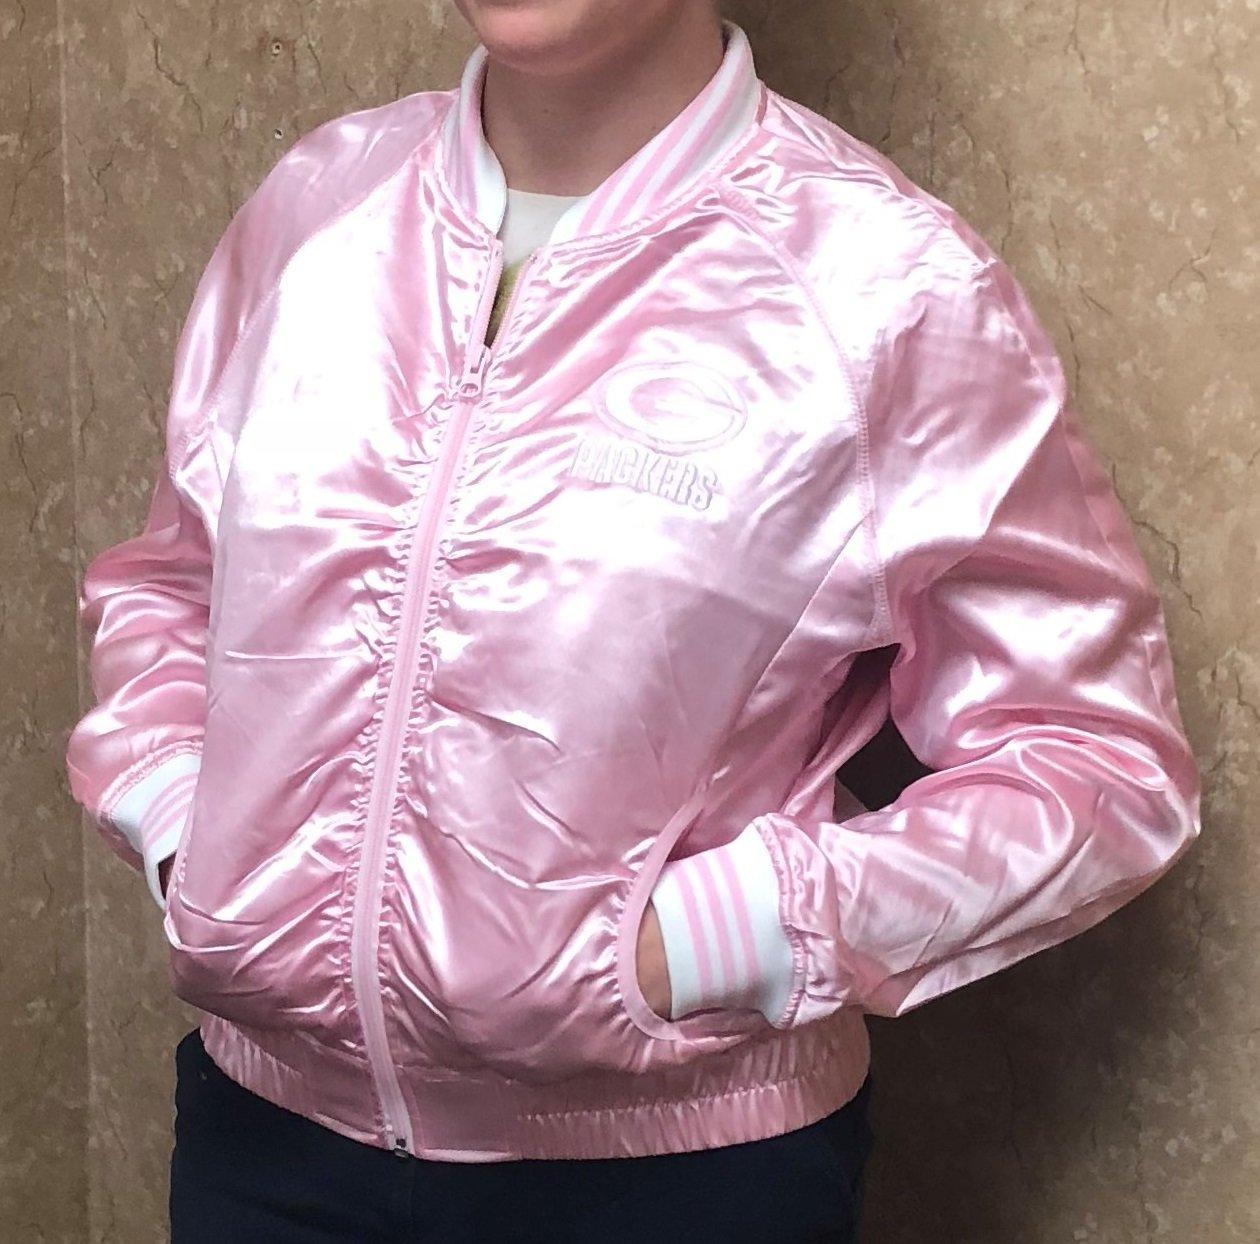 Ladies' Pink Green Bay Packers Jacket 00053